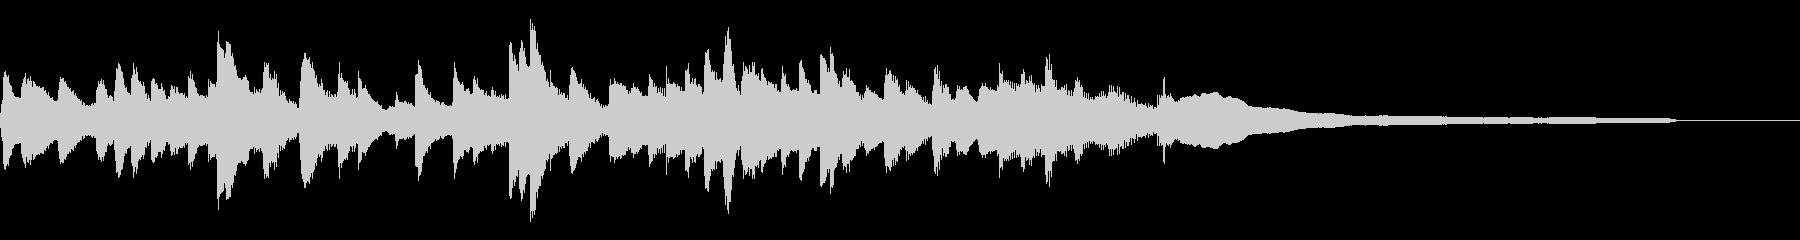 静かな門出/15秒のジングル40-ピアノの未再生の波形